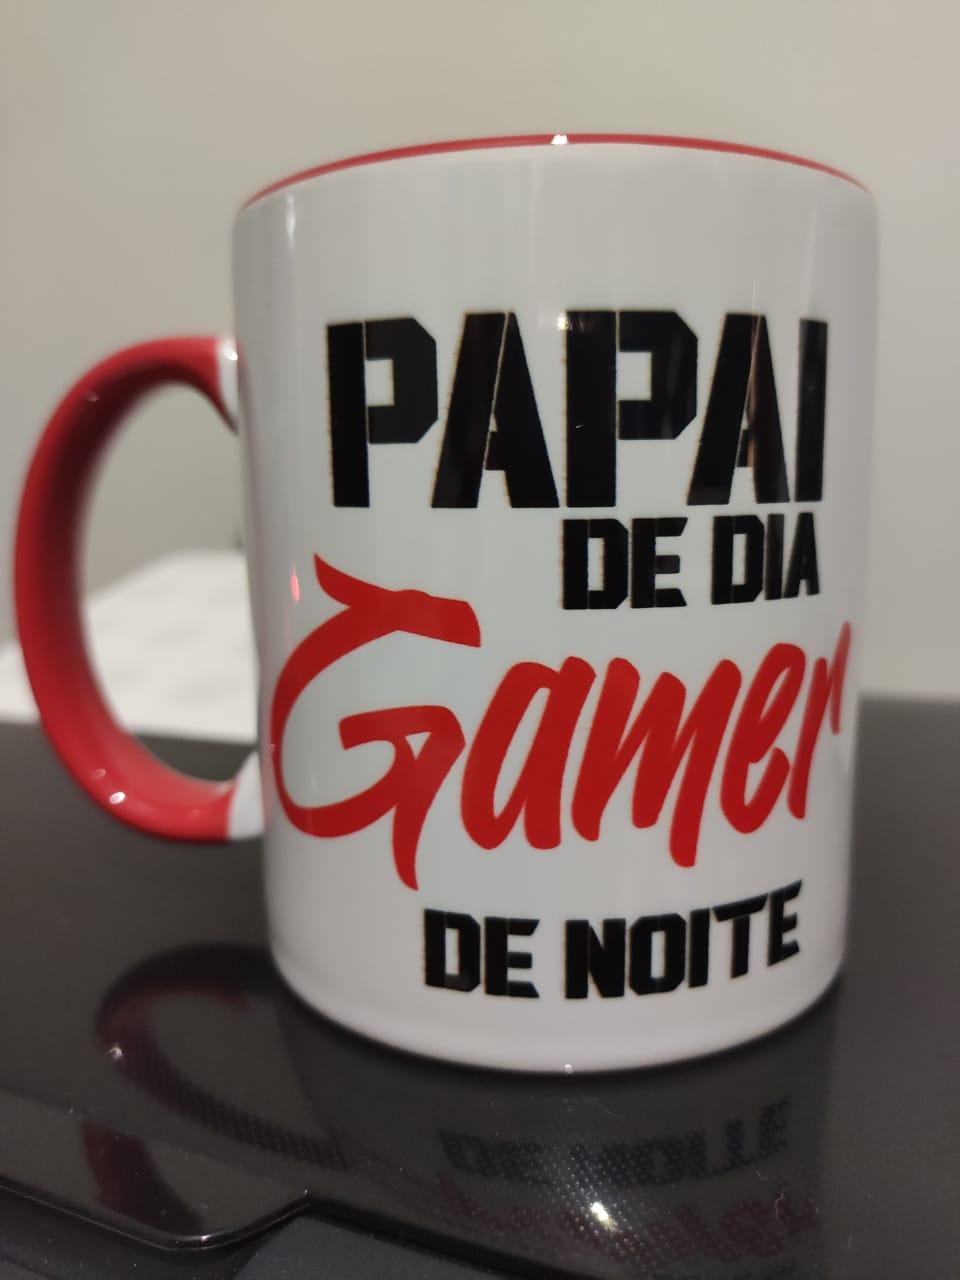 Caneca Papai de Dia, Gamer de Noite